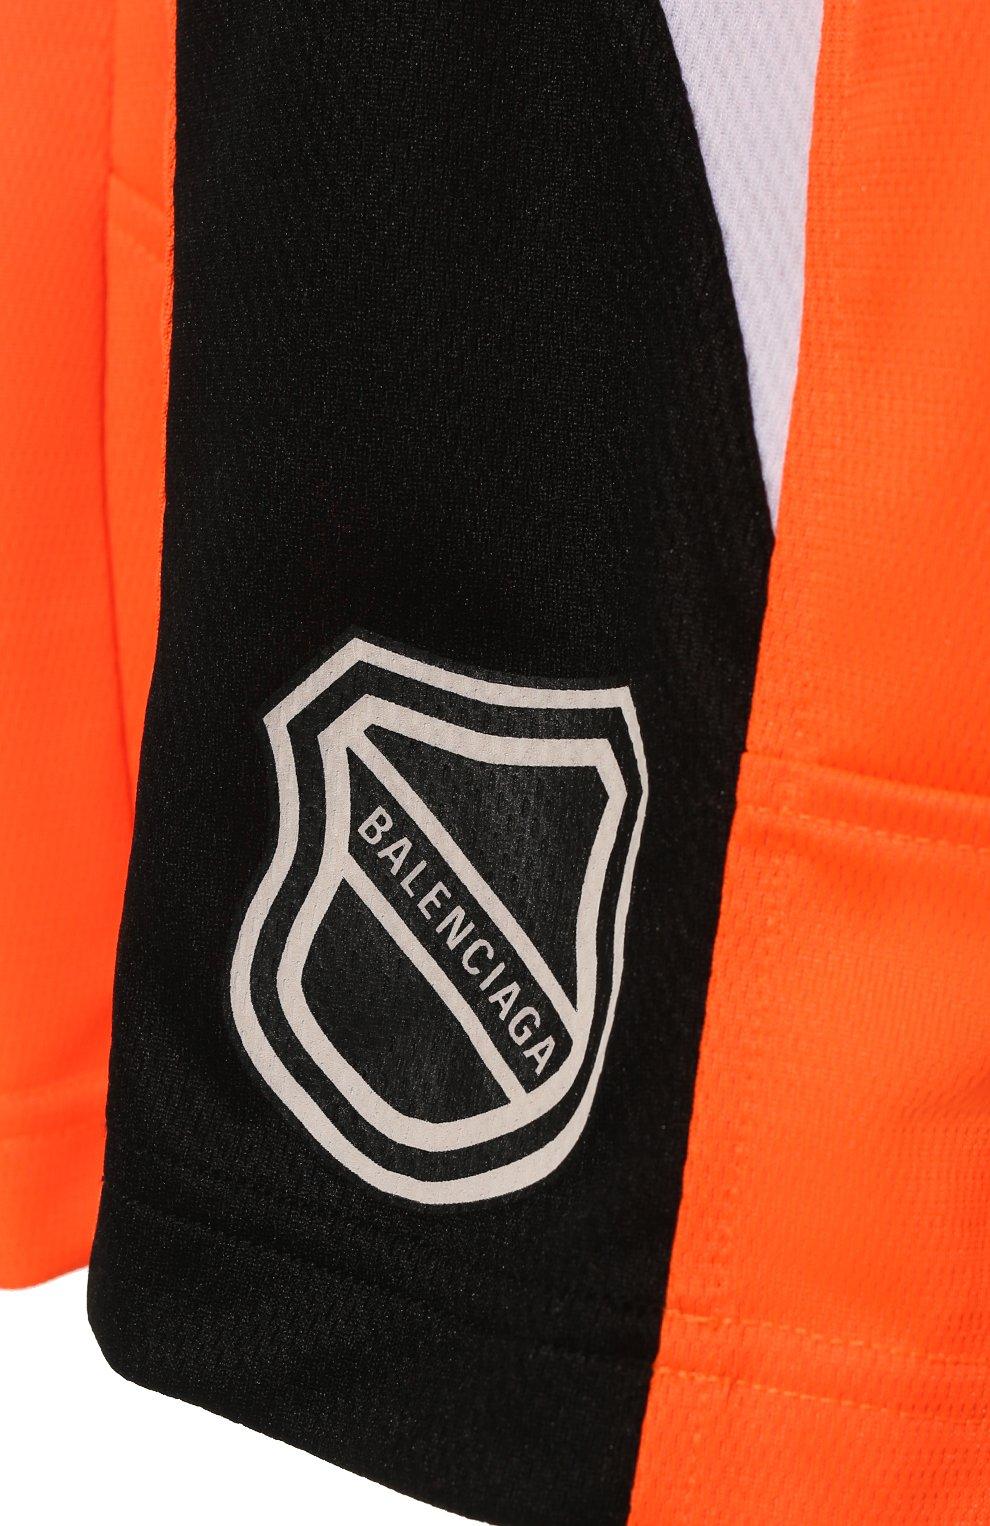 Женские шорты BALENCIAGA оранжевого цвета, арт. 657830/TKV24   Фото 5 (Женское Кросс-КТ: Шорты-одежда; Длина Ж (юбки, платья, шорты): Мини; Материал внешний: Синтетический материал; Стили: Спорт-шик)